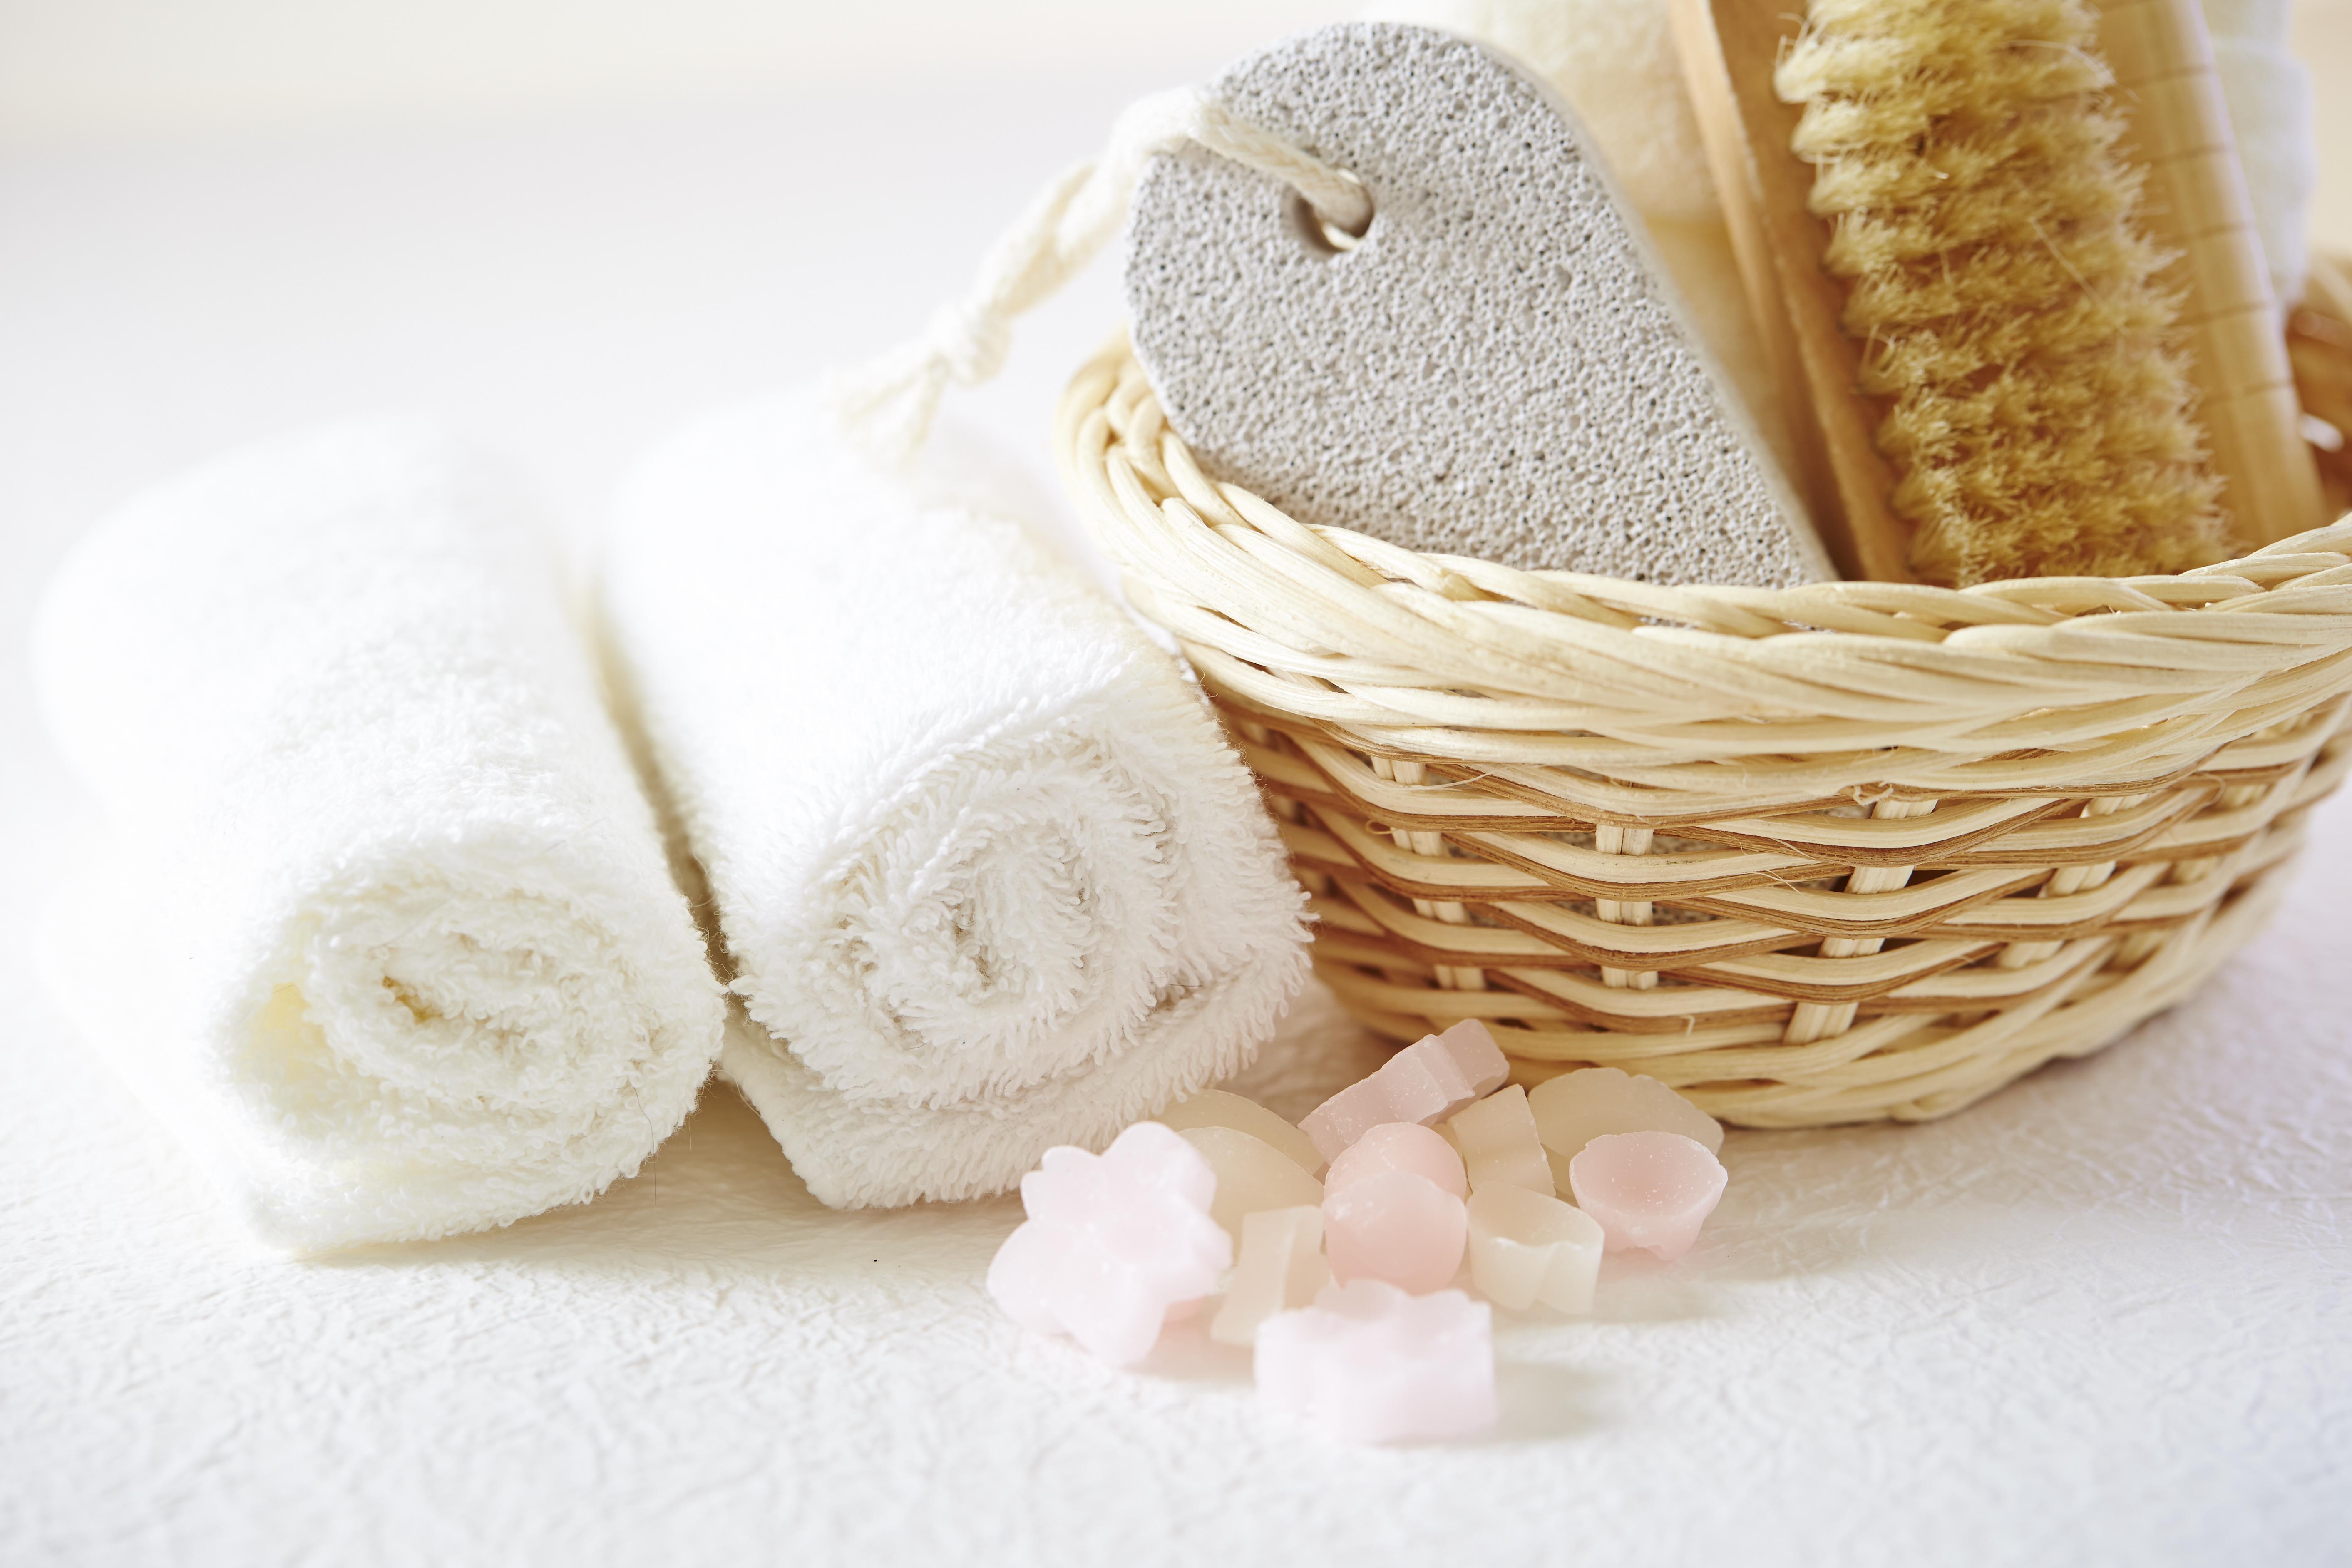 materiały higieniczne